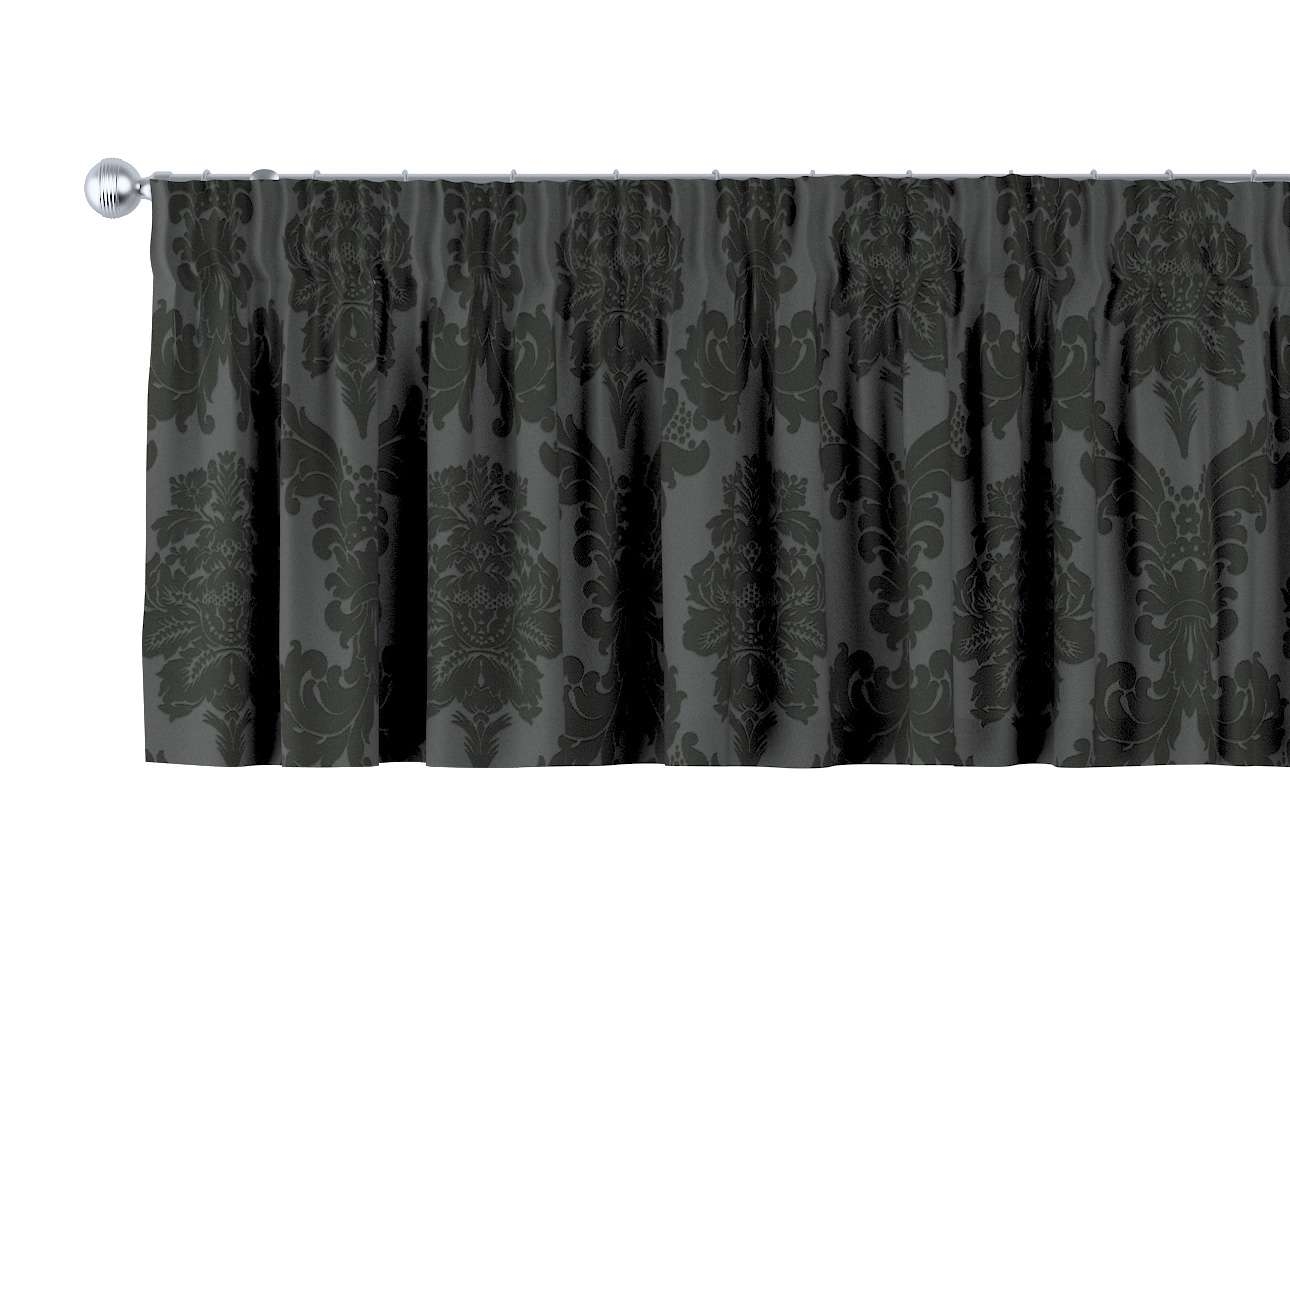 Trumpa užuolaidėlė (lambrekenas) pieštukinis klostavimas 130 x 40 cm kolekcijoje Damasco, audinys: 613-32